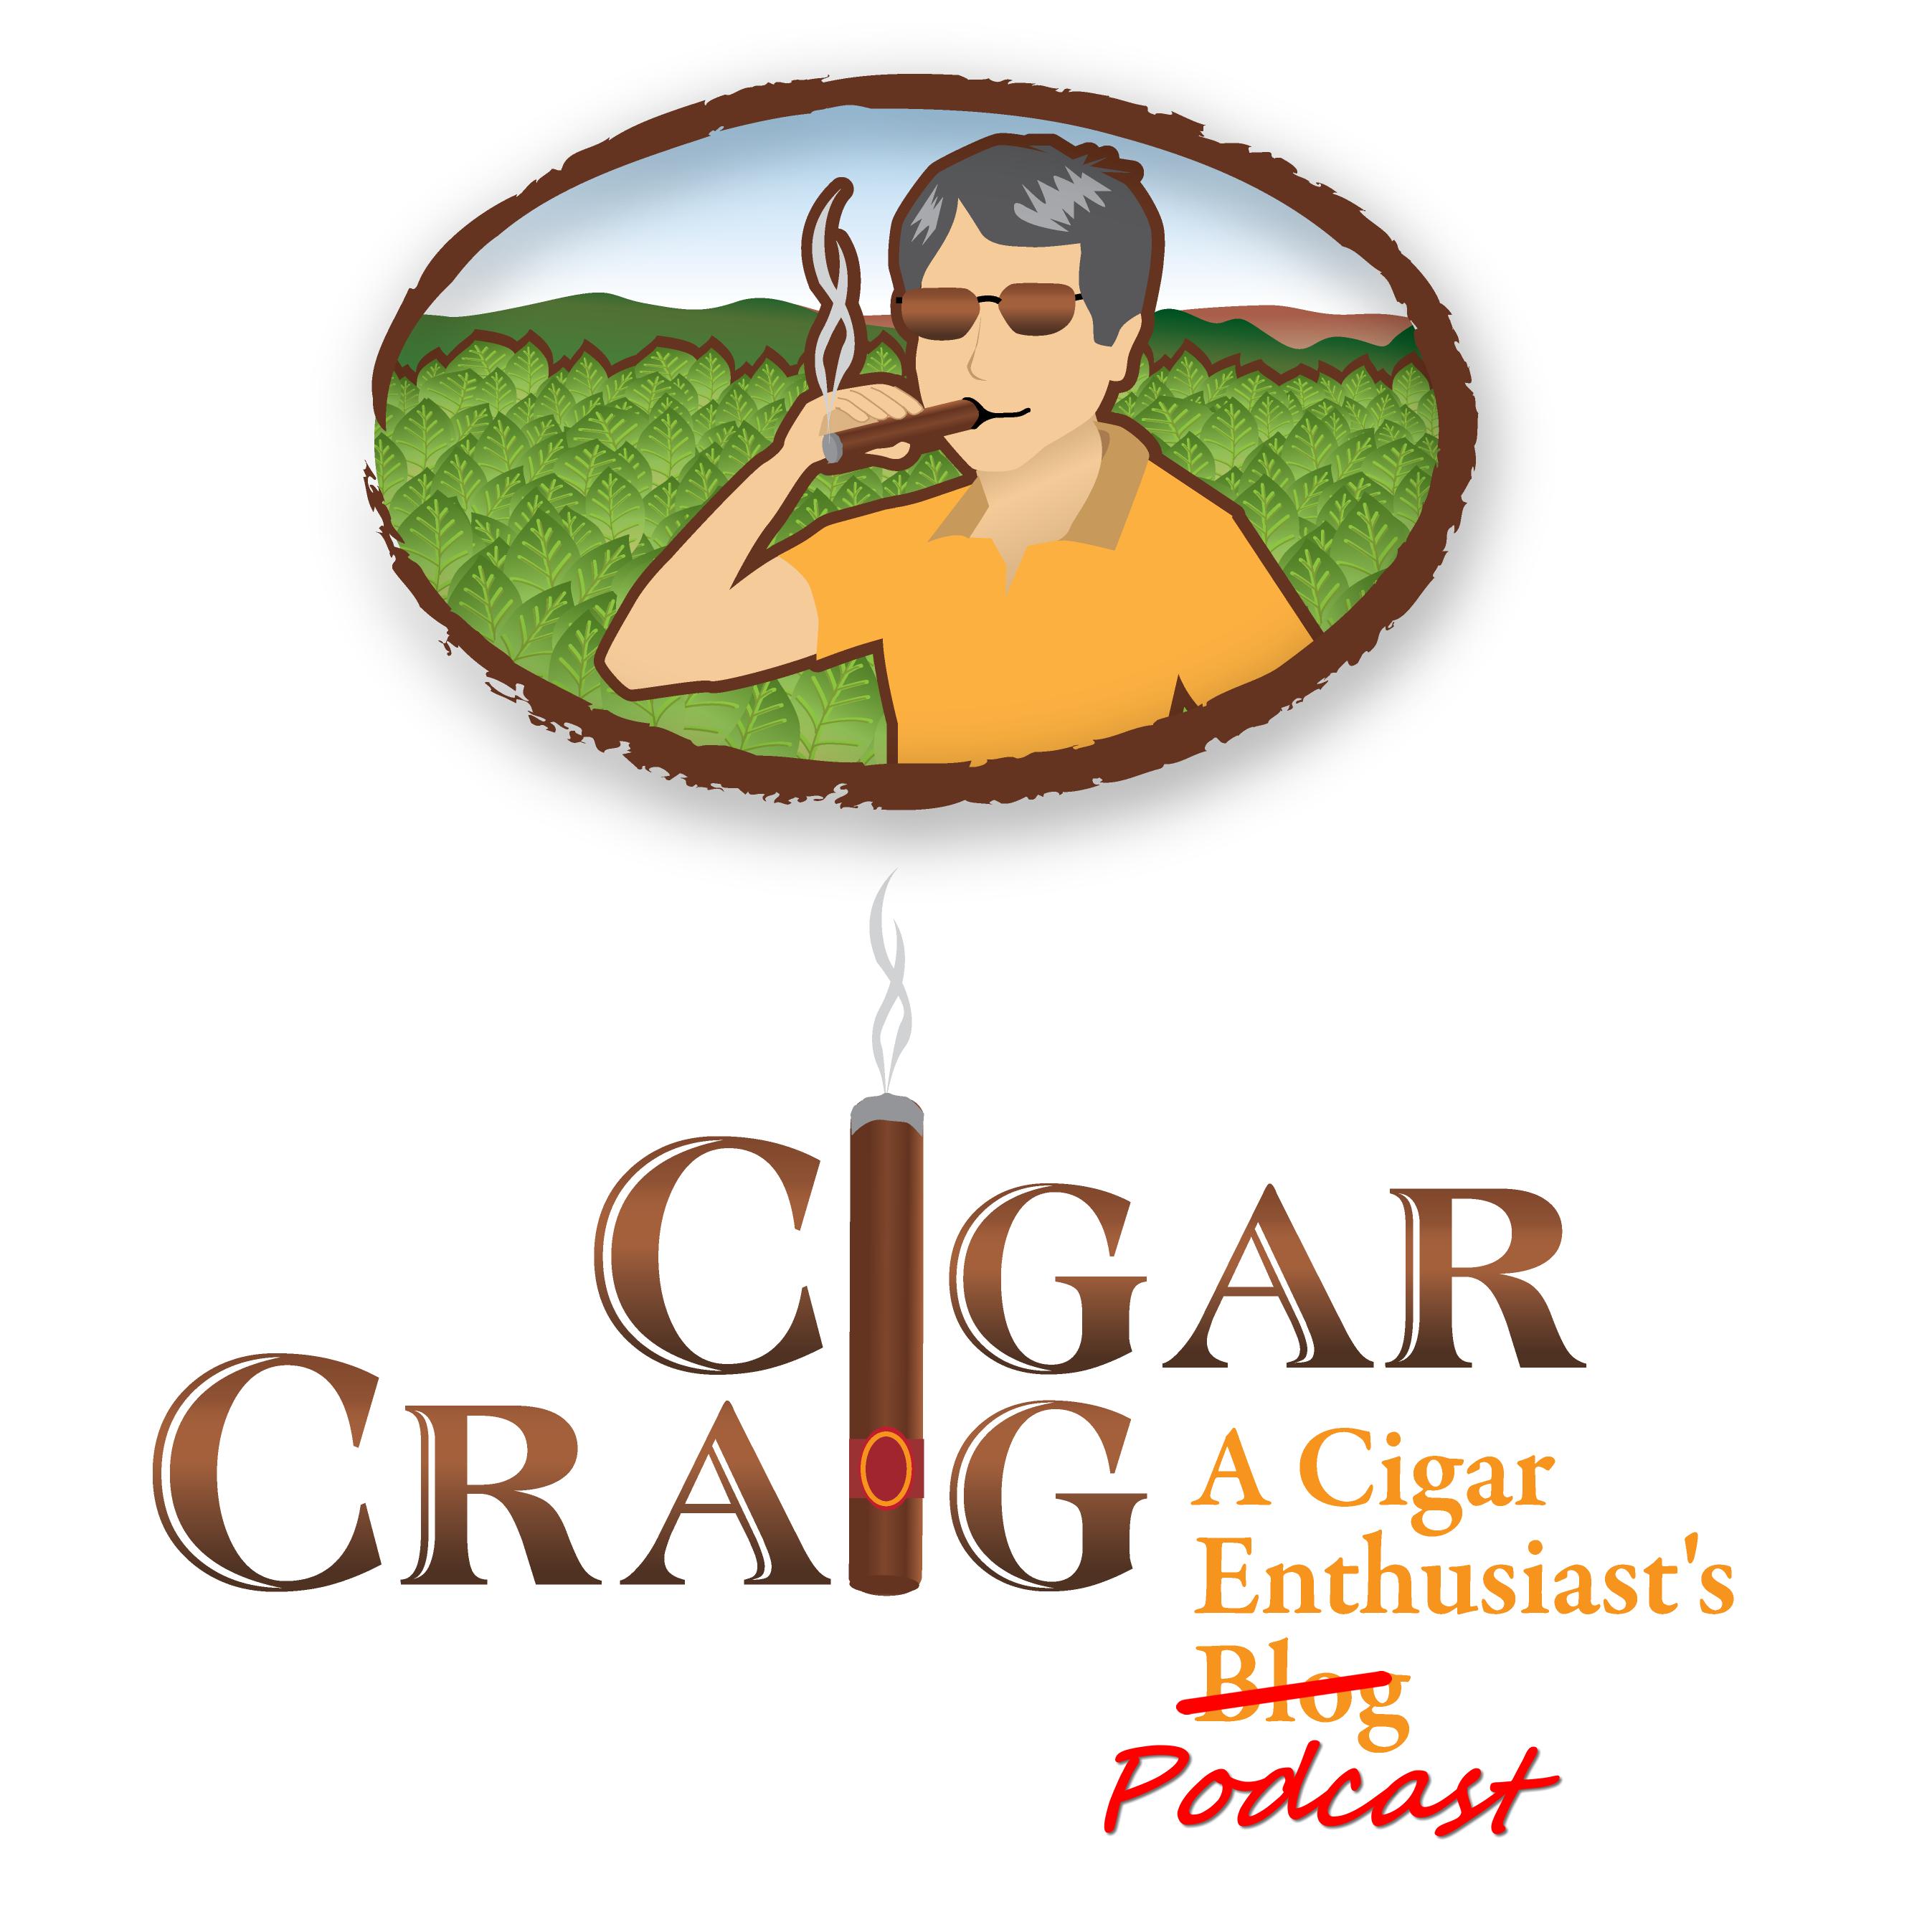 Artwork for CigarCraig Podcast Episode One